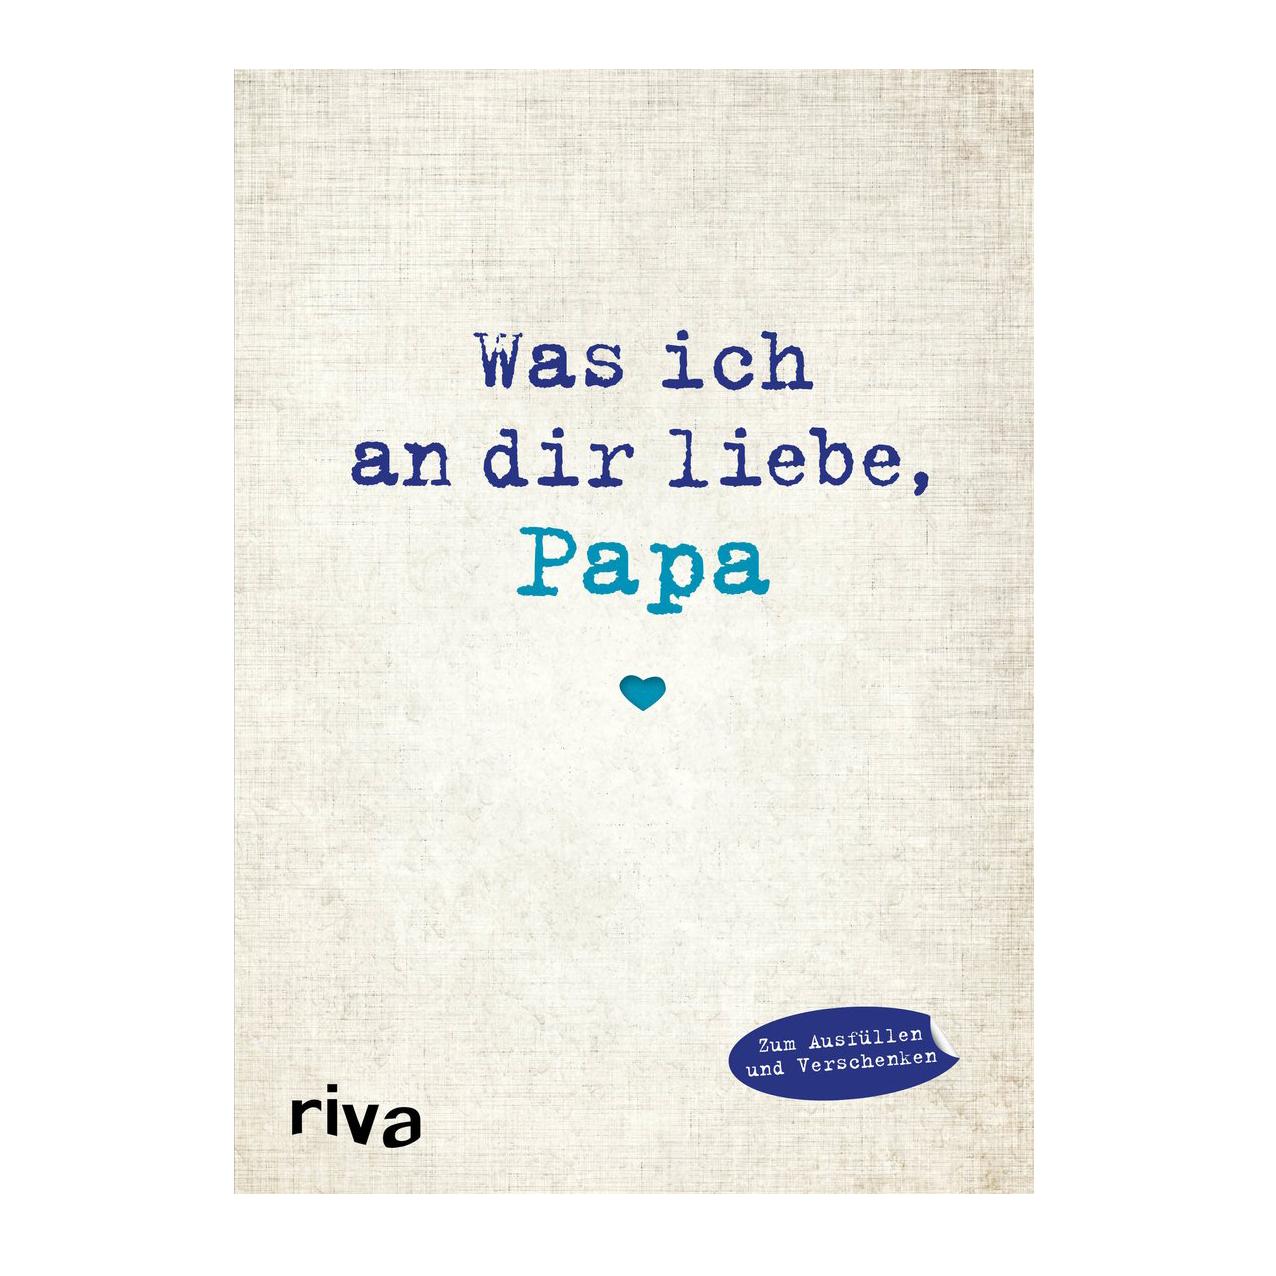 Was ich an dir liebe - das Ausfüllbuch für den Papa